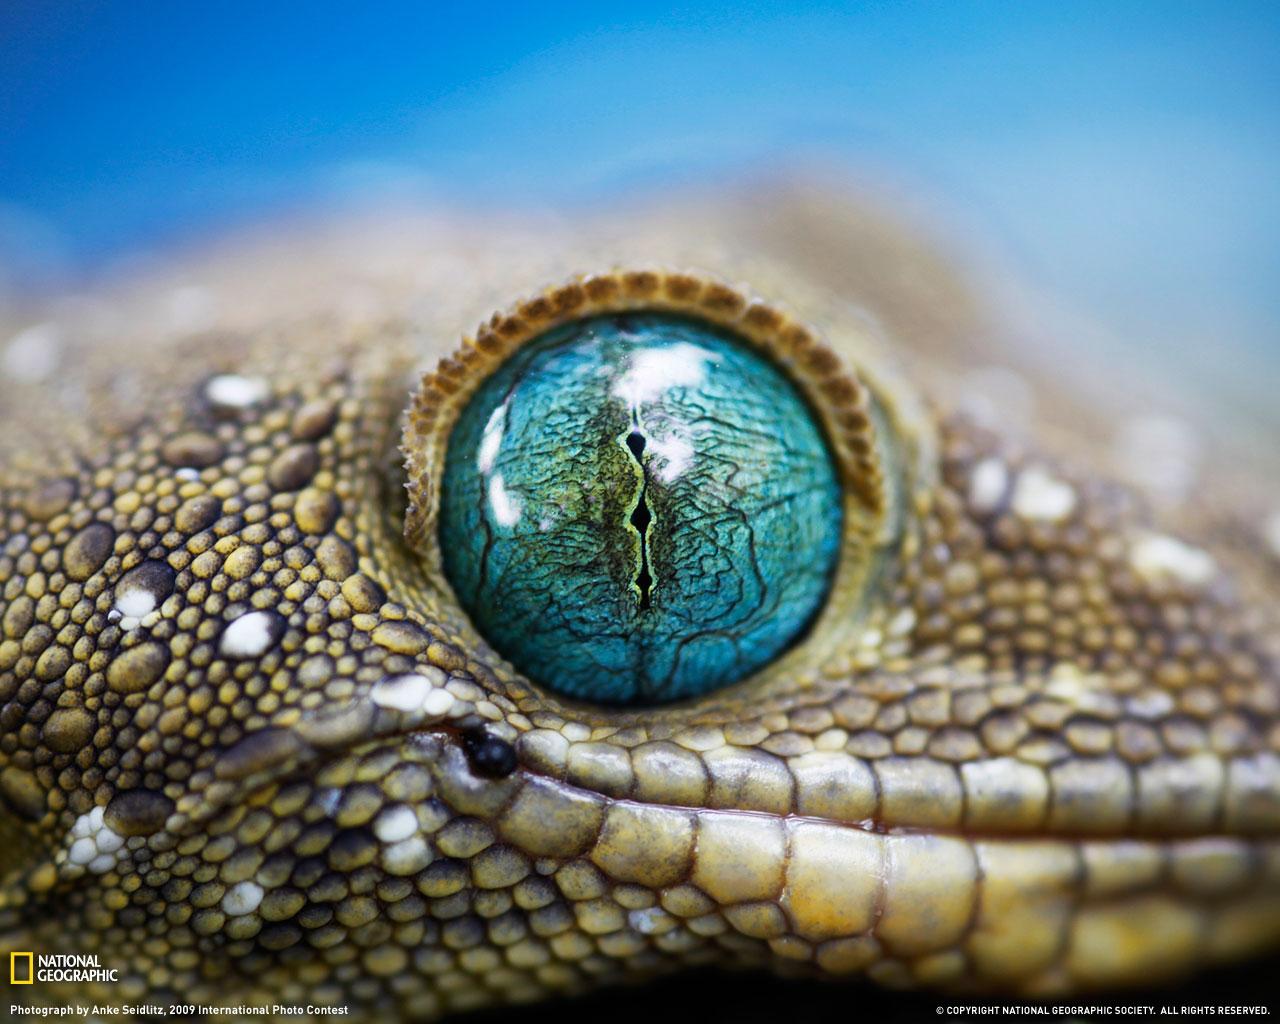 http://1.bp.blogspot.com/-MIdF9FuzOSQ/TjY9hf91jsI/AAAAAAAAACg/hRvdrBTiQ98/s1600/National-Goegraphic-Green-Eyed-Gecko-wallpaper.jpg